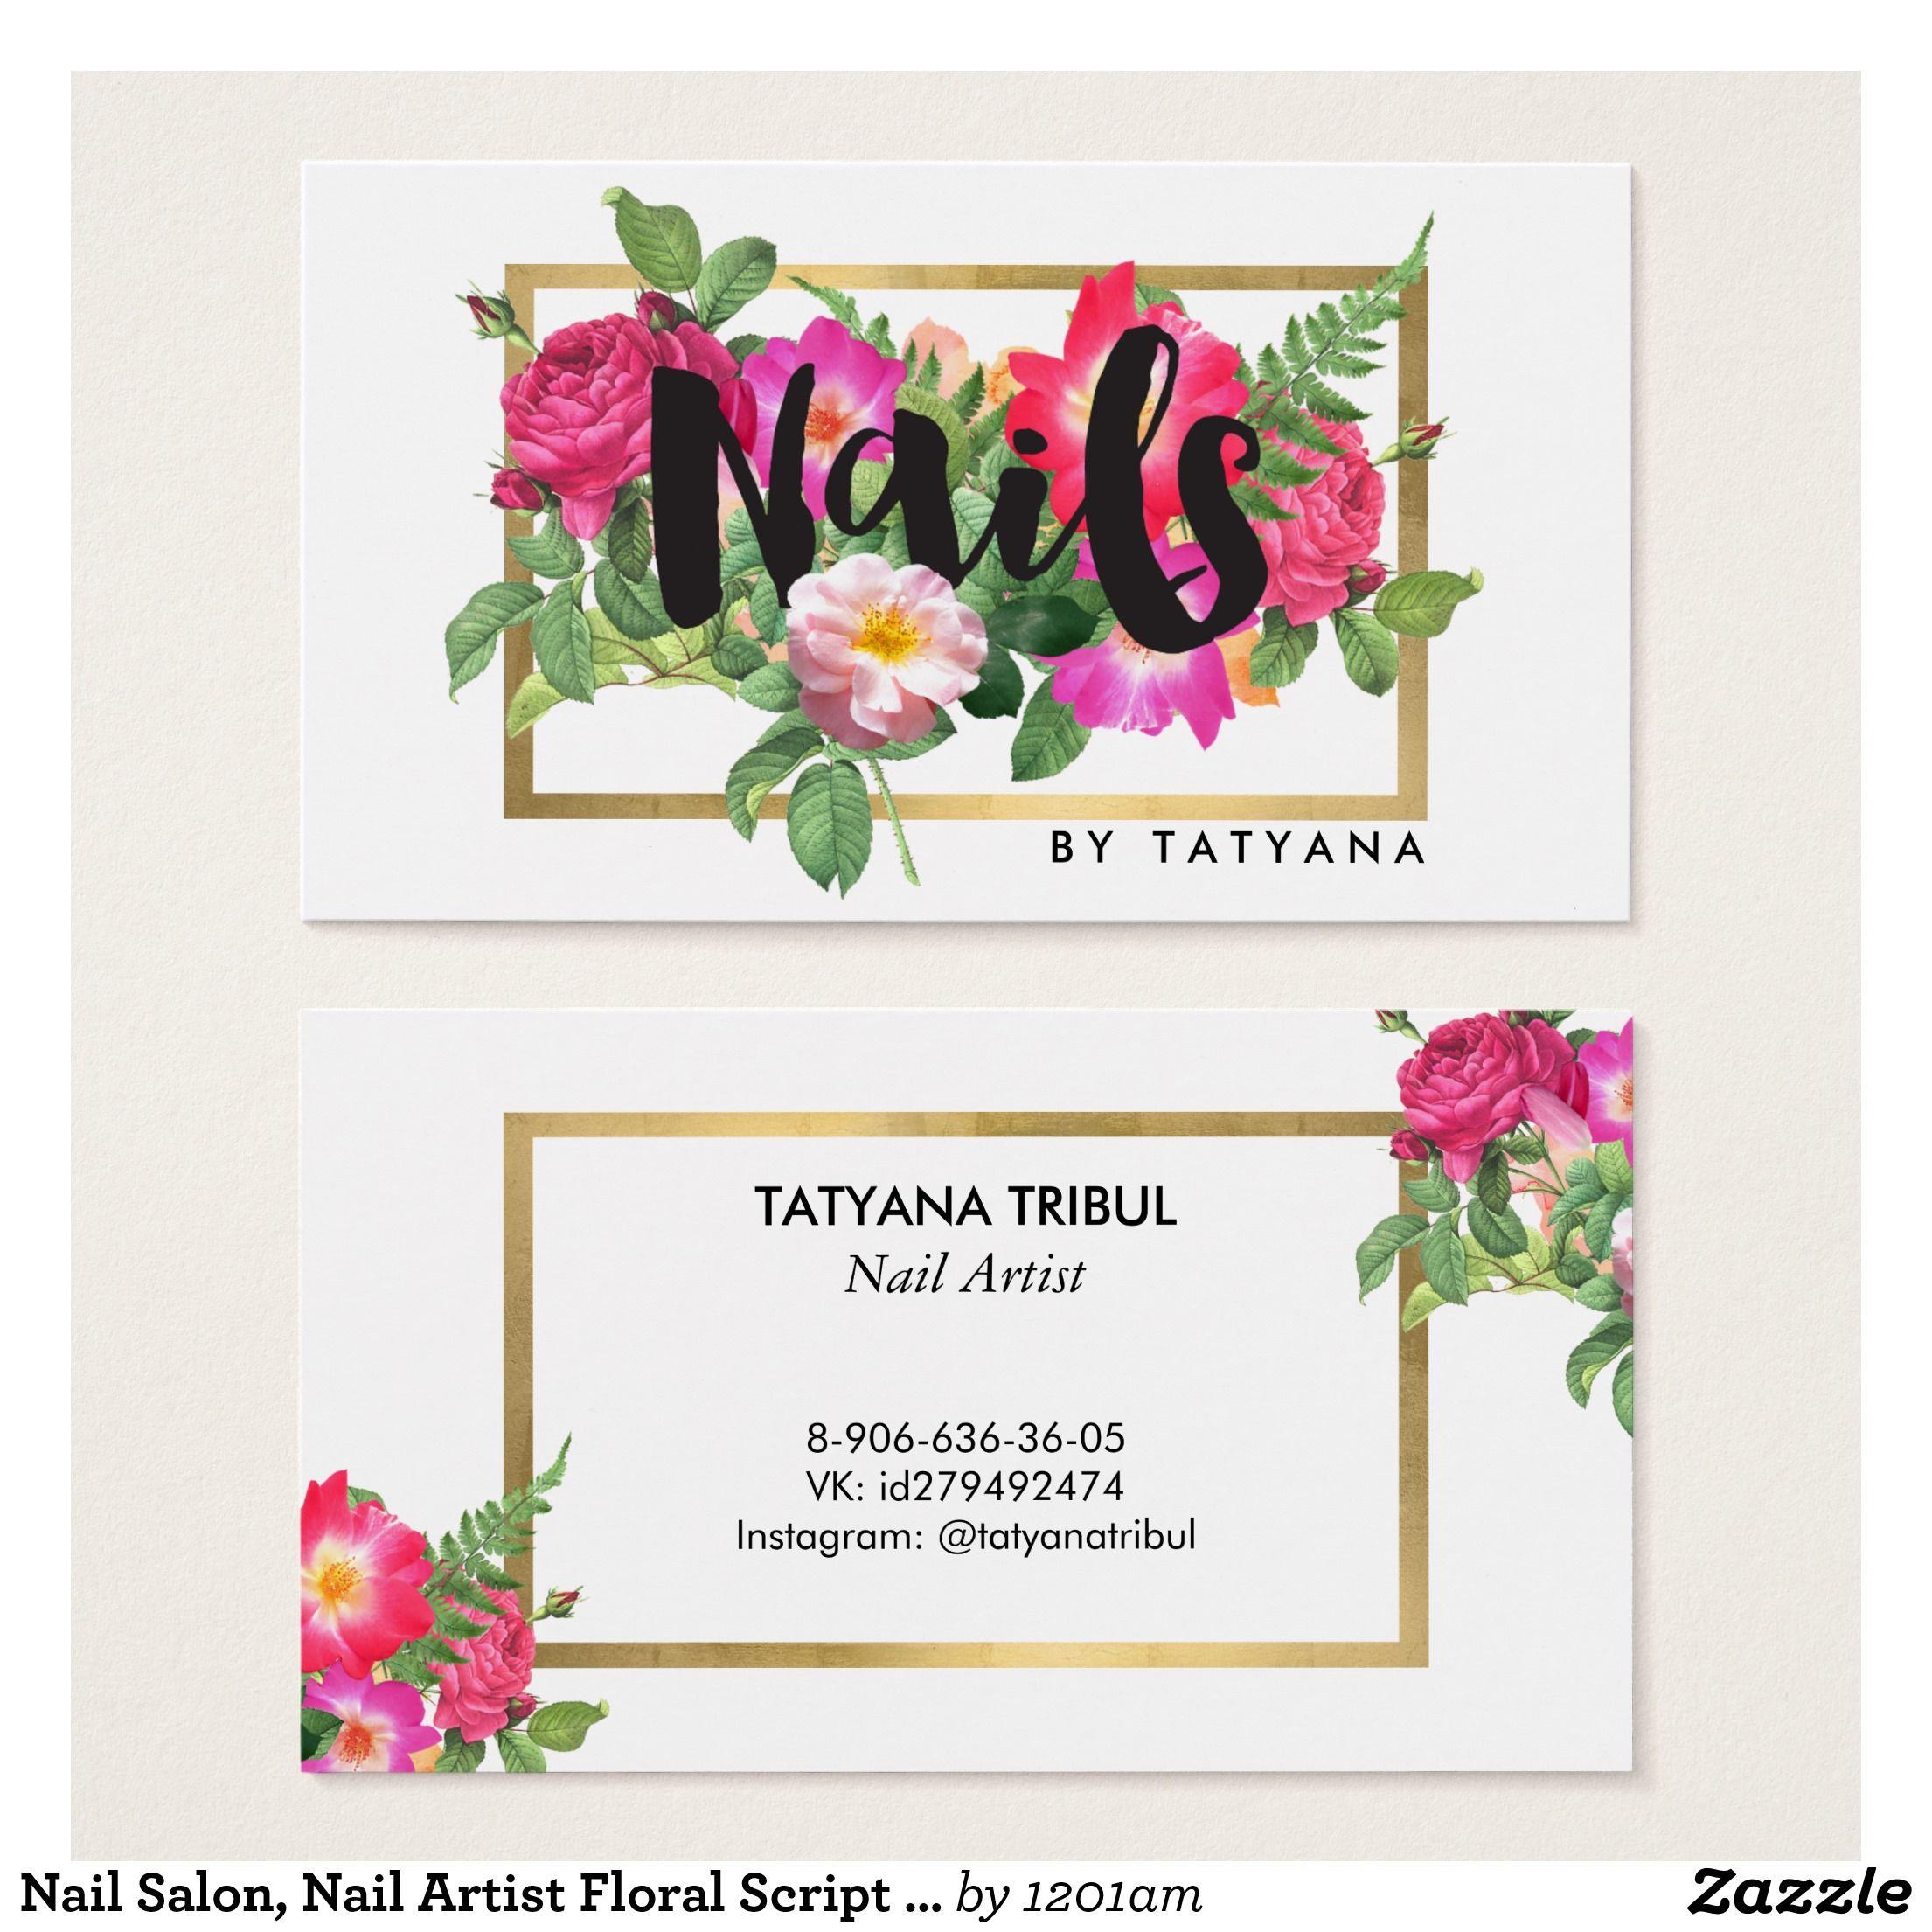 Nail Salon, Nail Artist Floral Script Text White Business Card ...